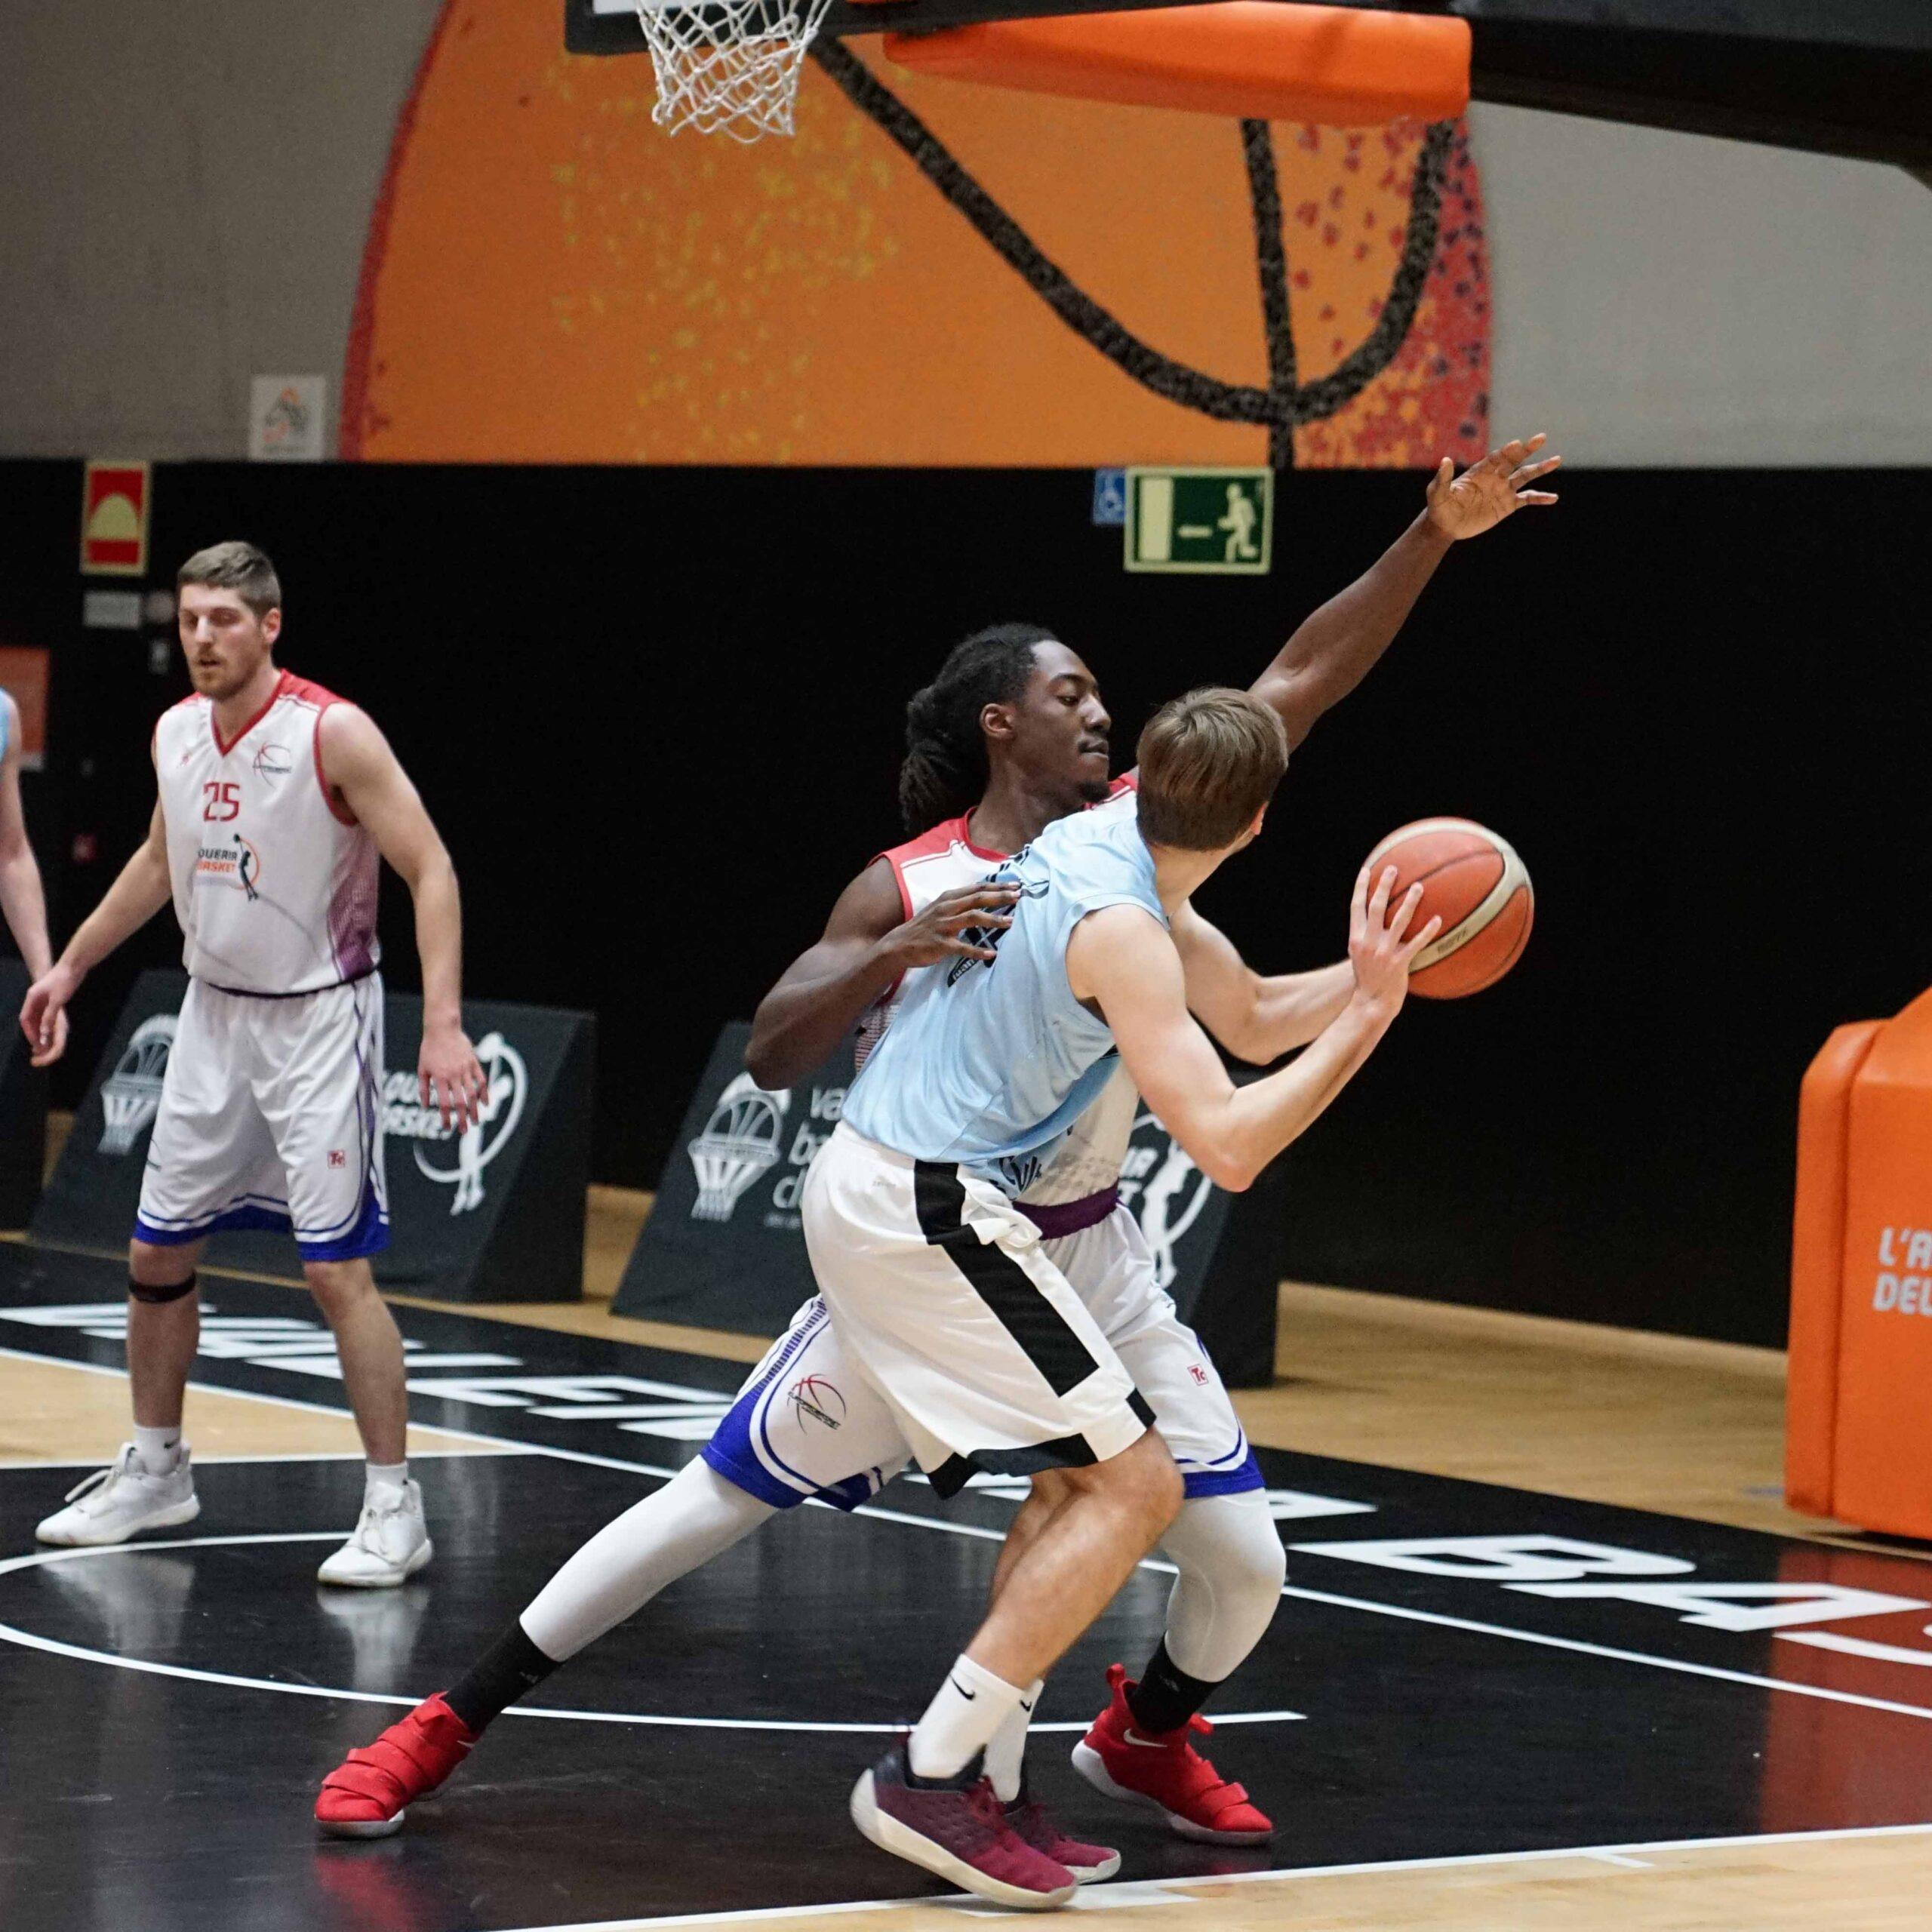 Ronnie Tyson Europrobasket Valencia Spain